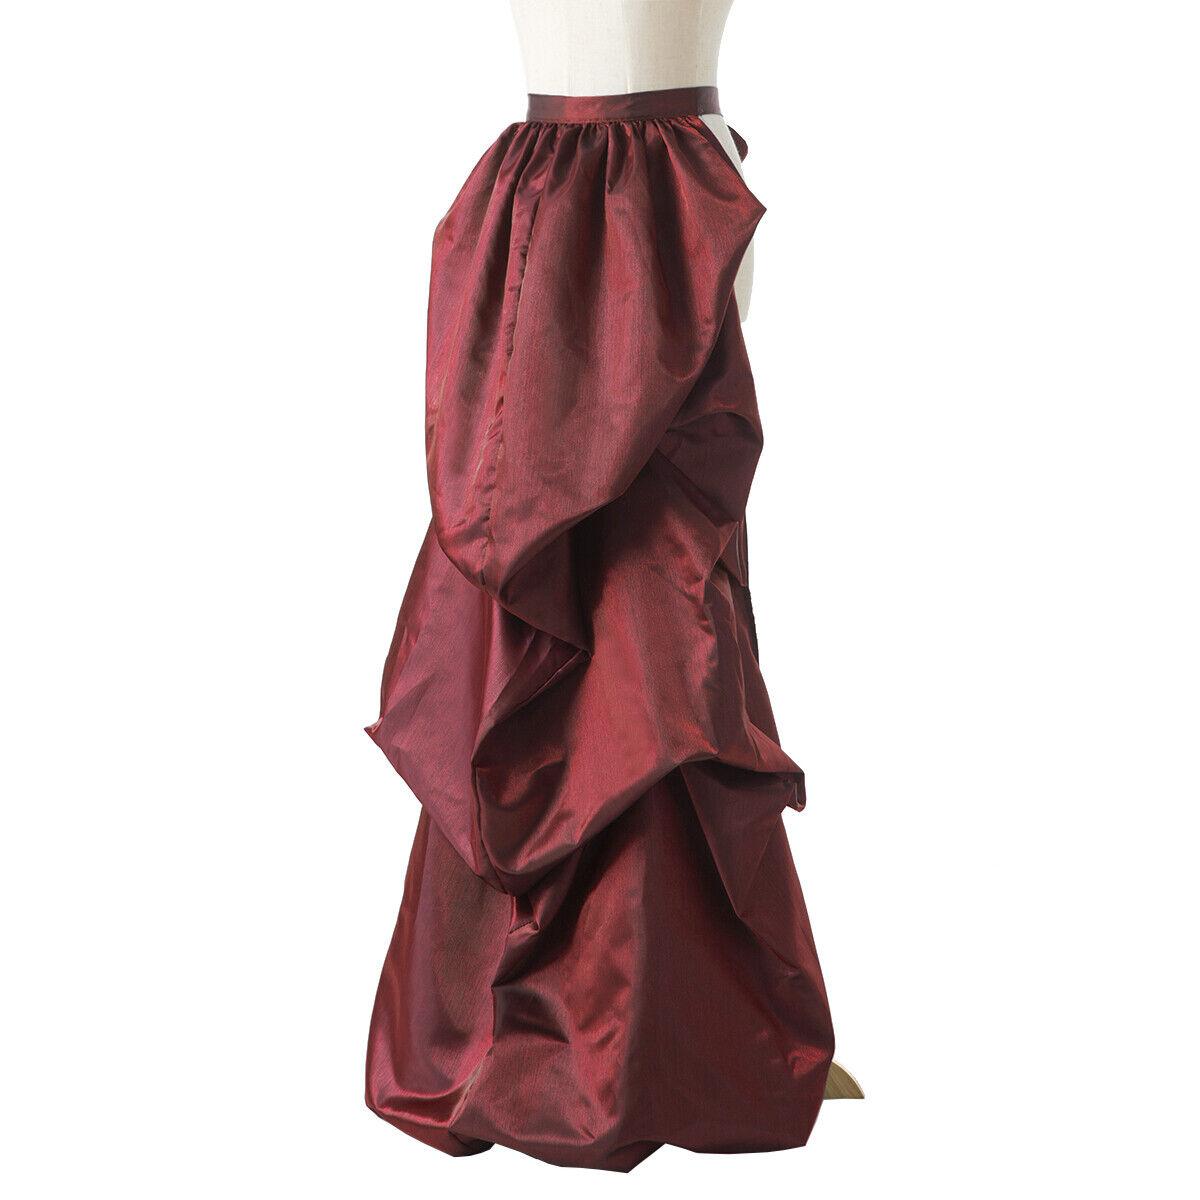 Vintage Victorian Edwardian Bustle Skirt Fancy Dr… - image 3